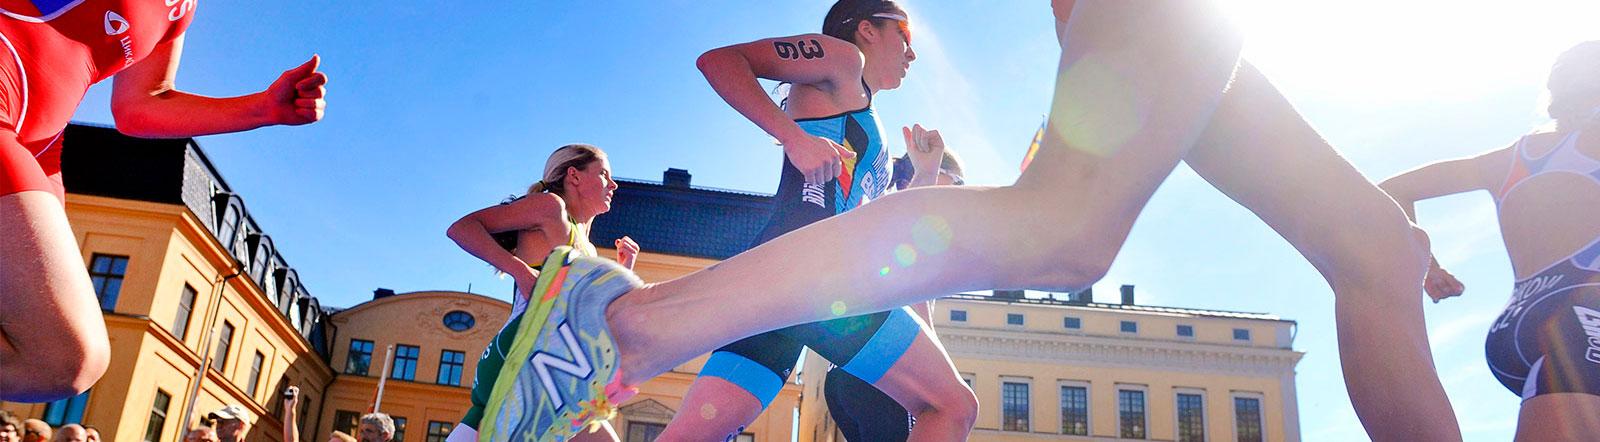 homeslider 4 - Desabi | Entrenamiento de Ciclismo,  Triatlón y atletismo